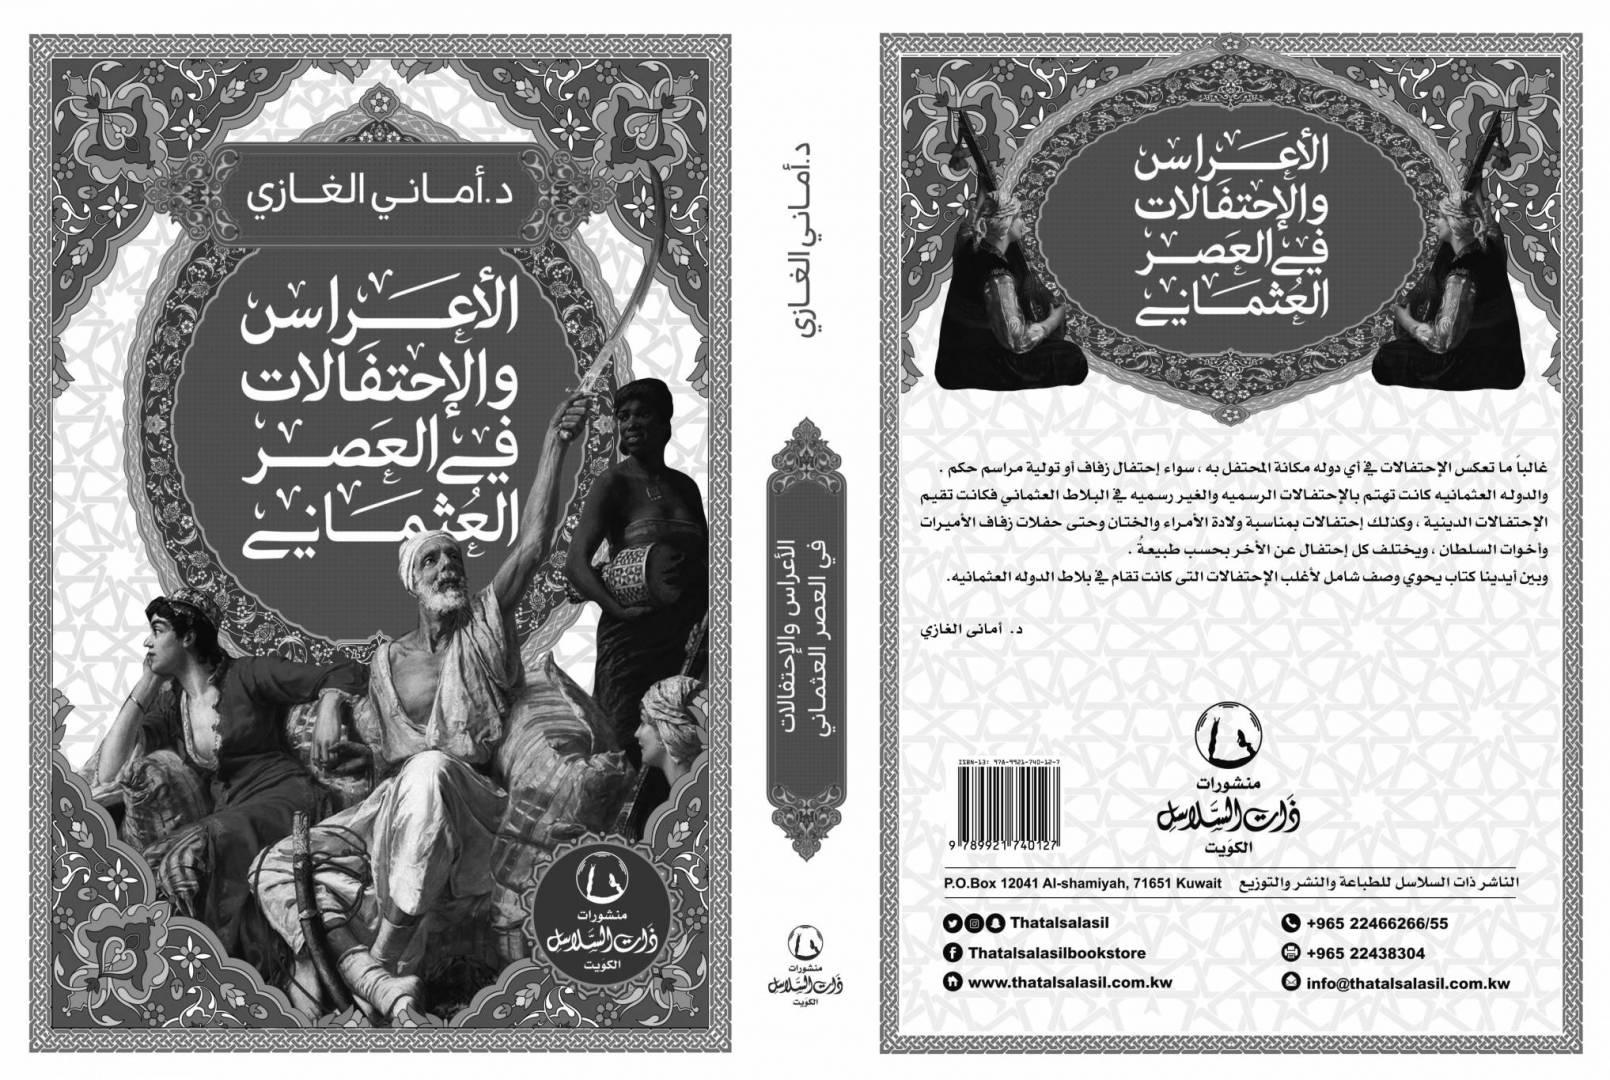 غلاف كتاب «الأعراس والاحتفالات.. في العصر العثماني»